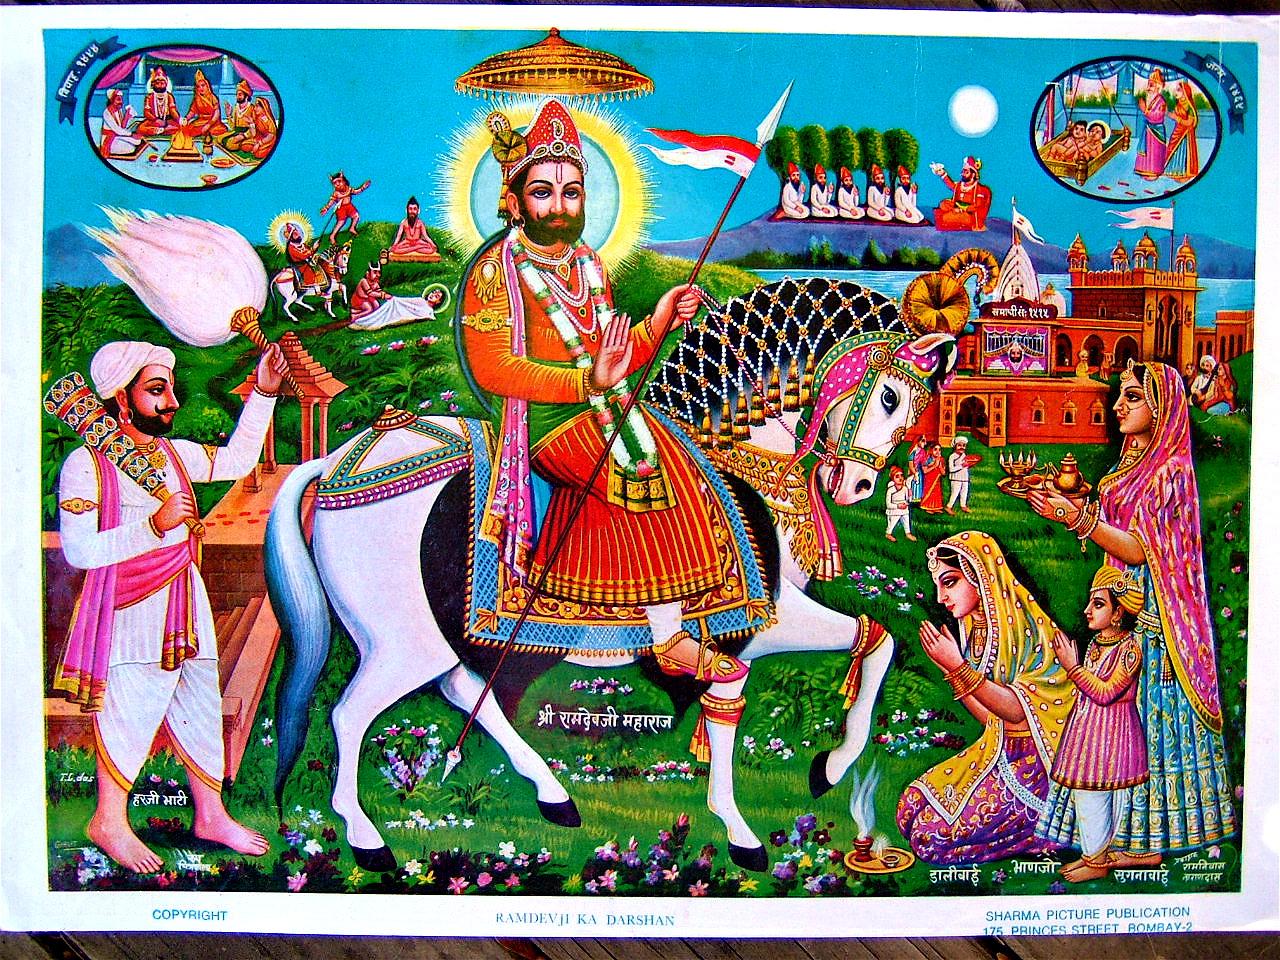 Baba Ramdevpir Katha Baba Ramdevpir